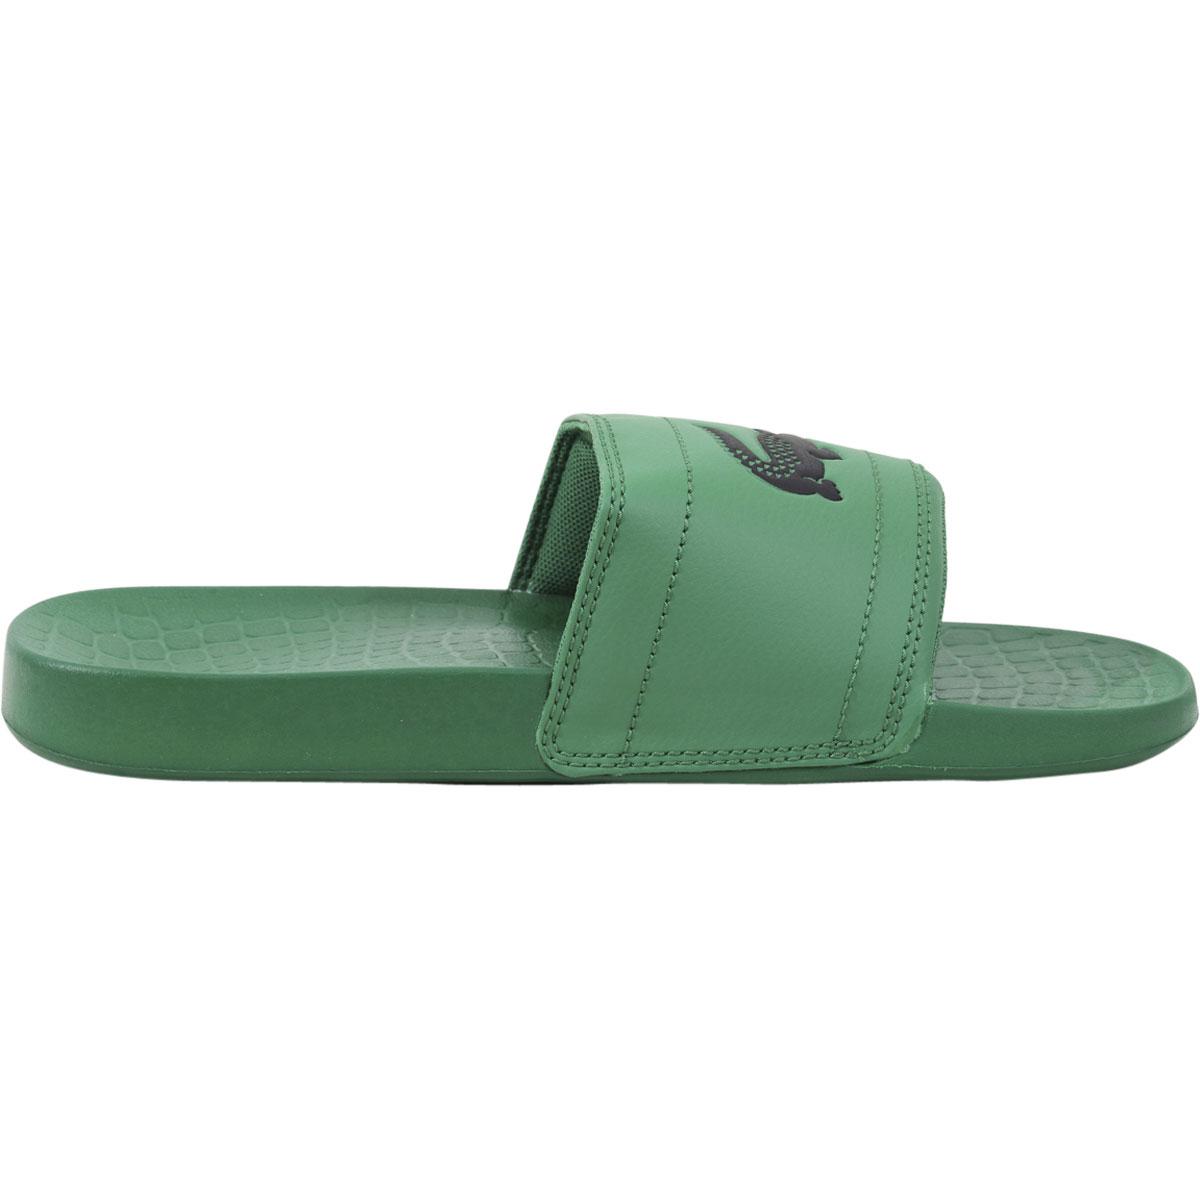 lacoste men s fraisier 118 slides sandals shoes ebay